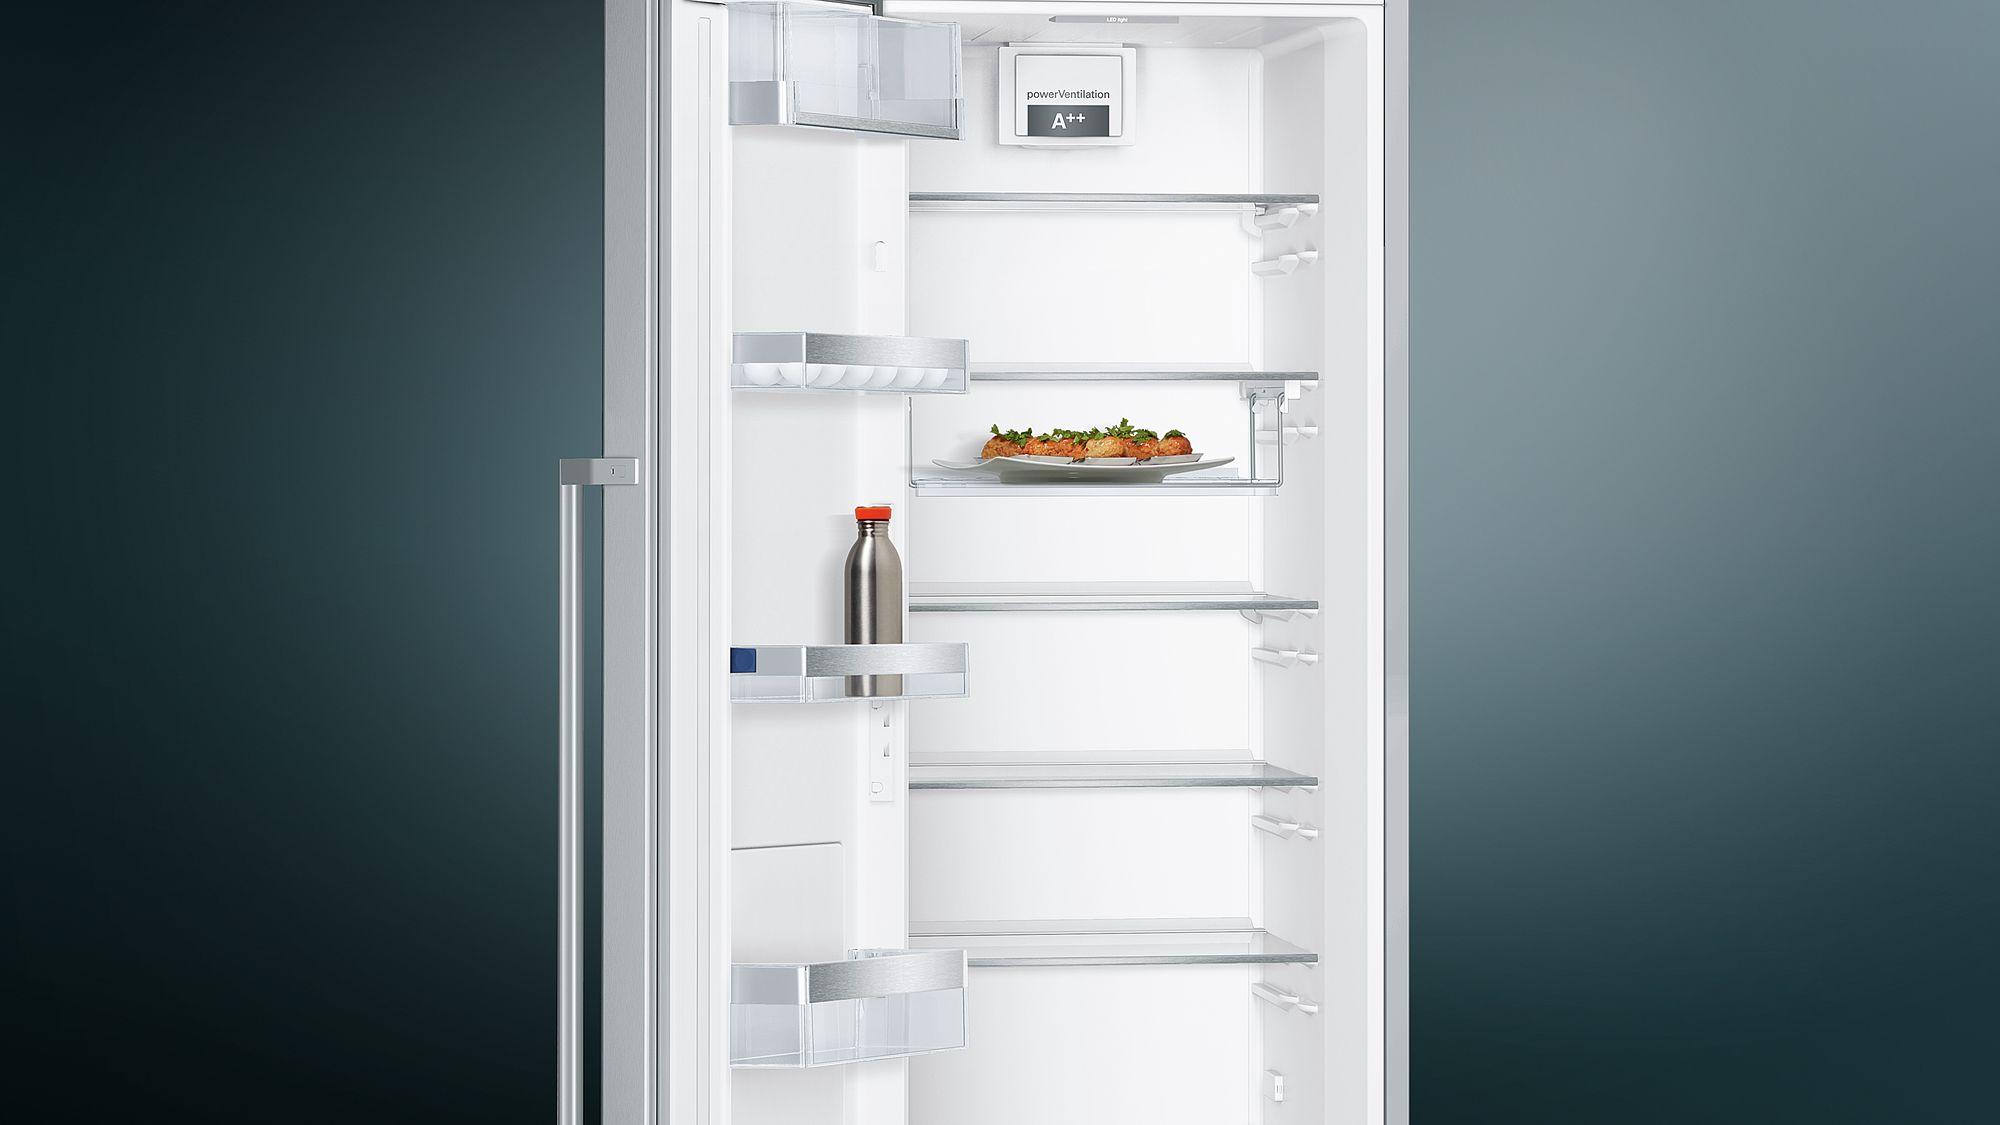 Siemens Kühlschrank Türanschlag Wechseln : Türanschlag wechseln bedienungsanleitung siemens kühlschrank